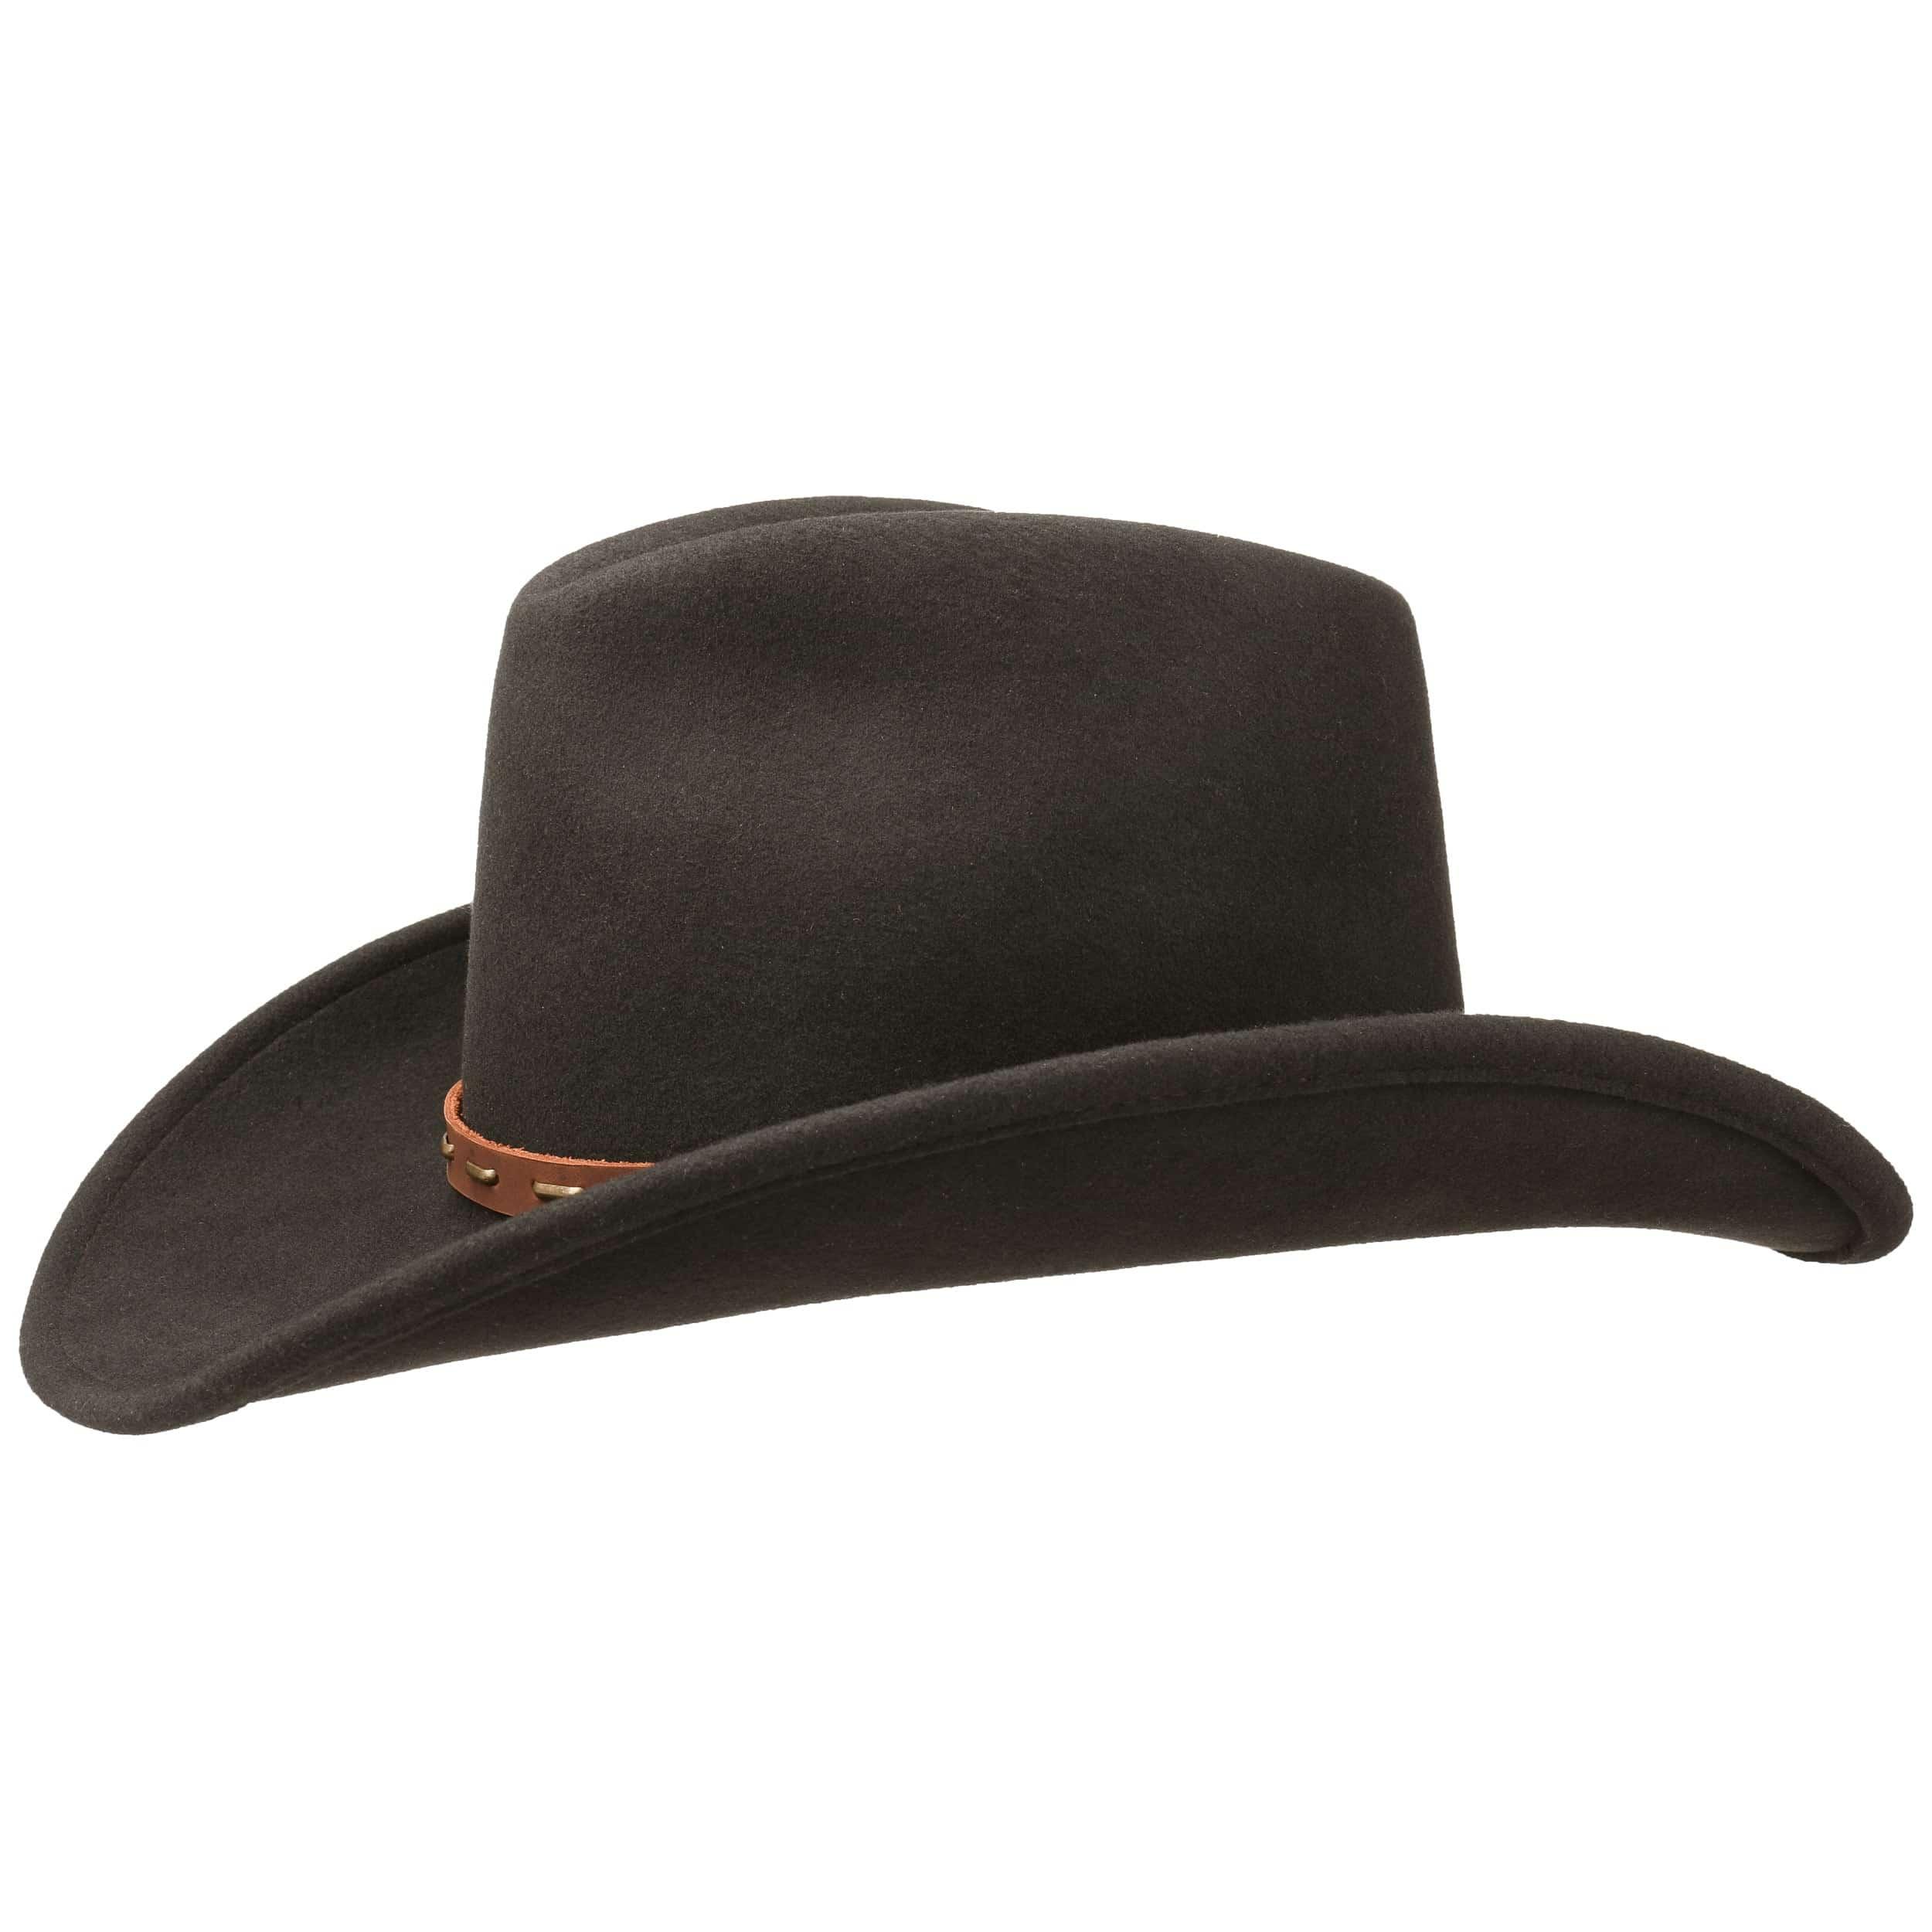 Sombrero High Crown VitaFelt by Stetson - Sombreros - sombreroshop.es 94f18223a96